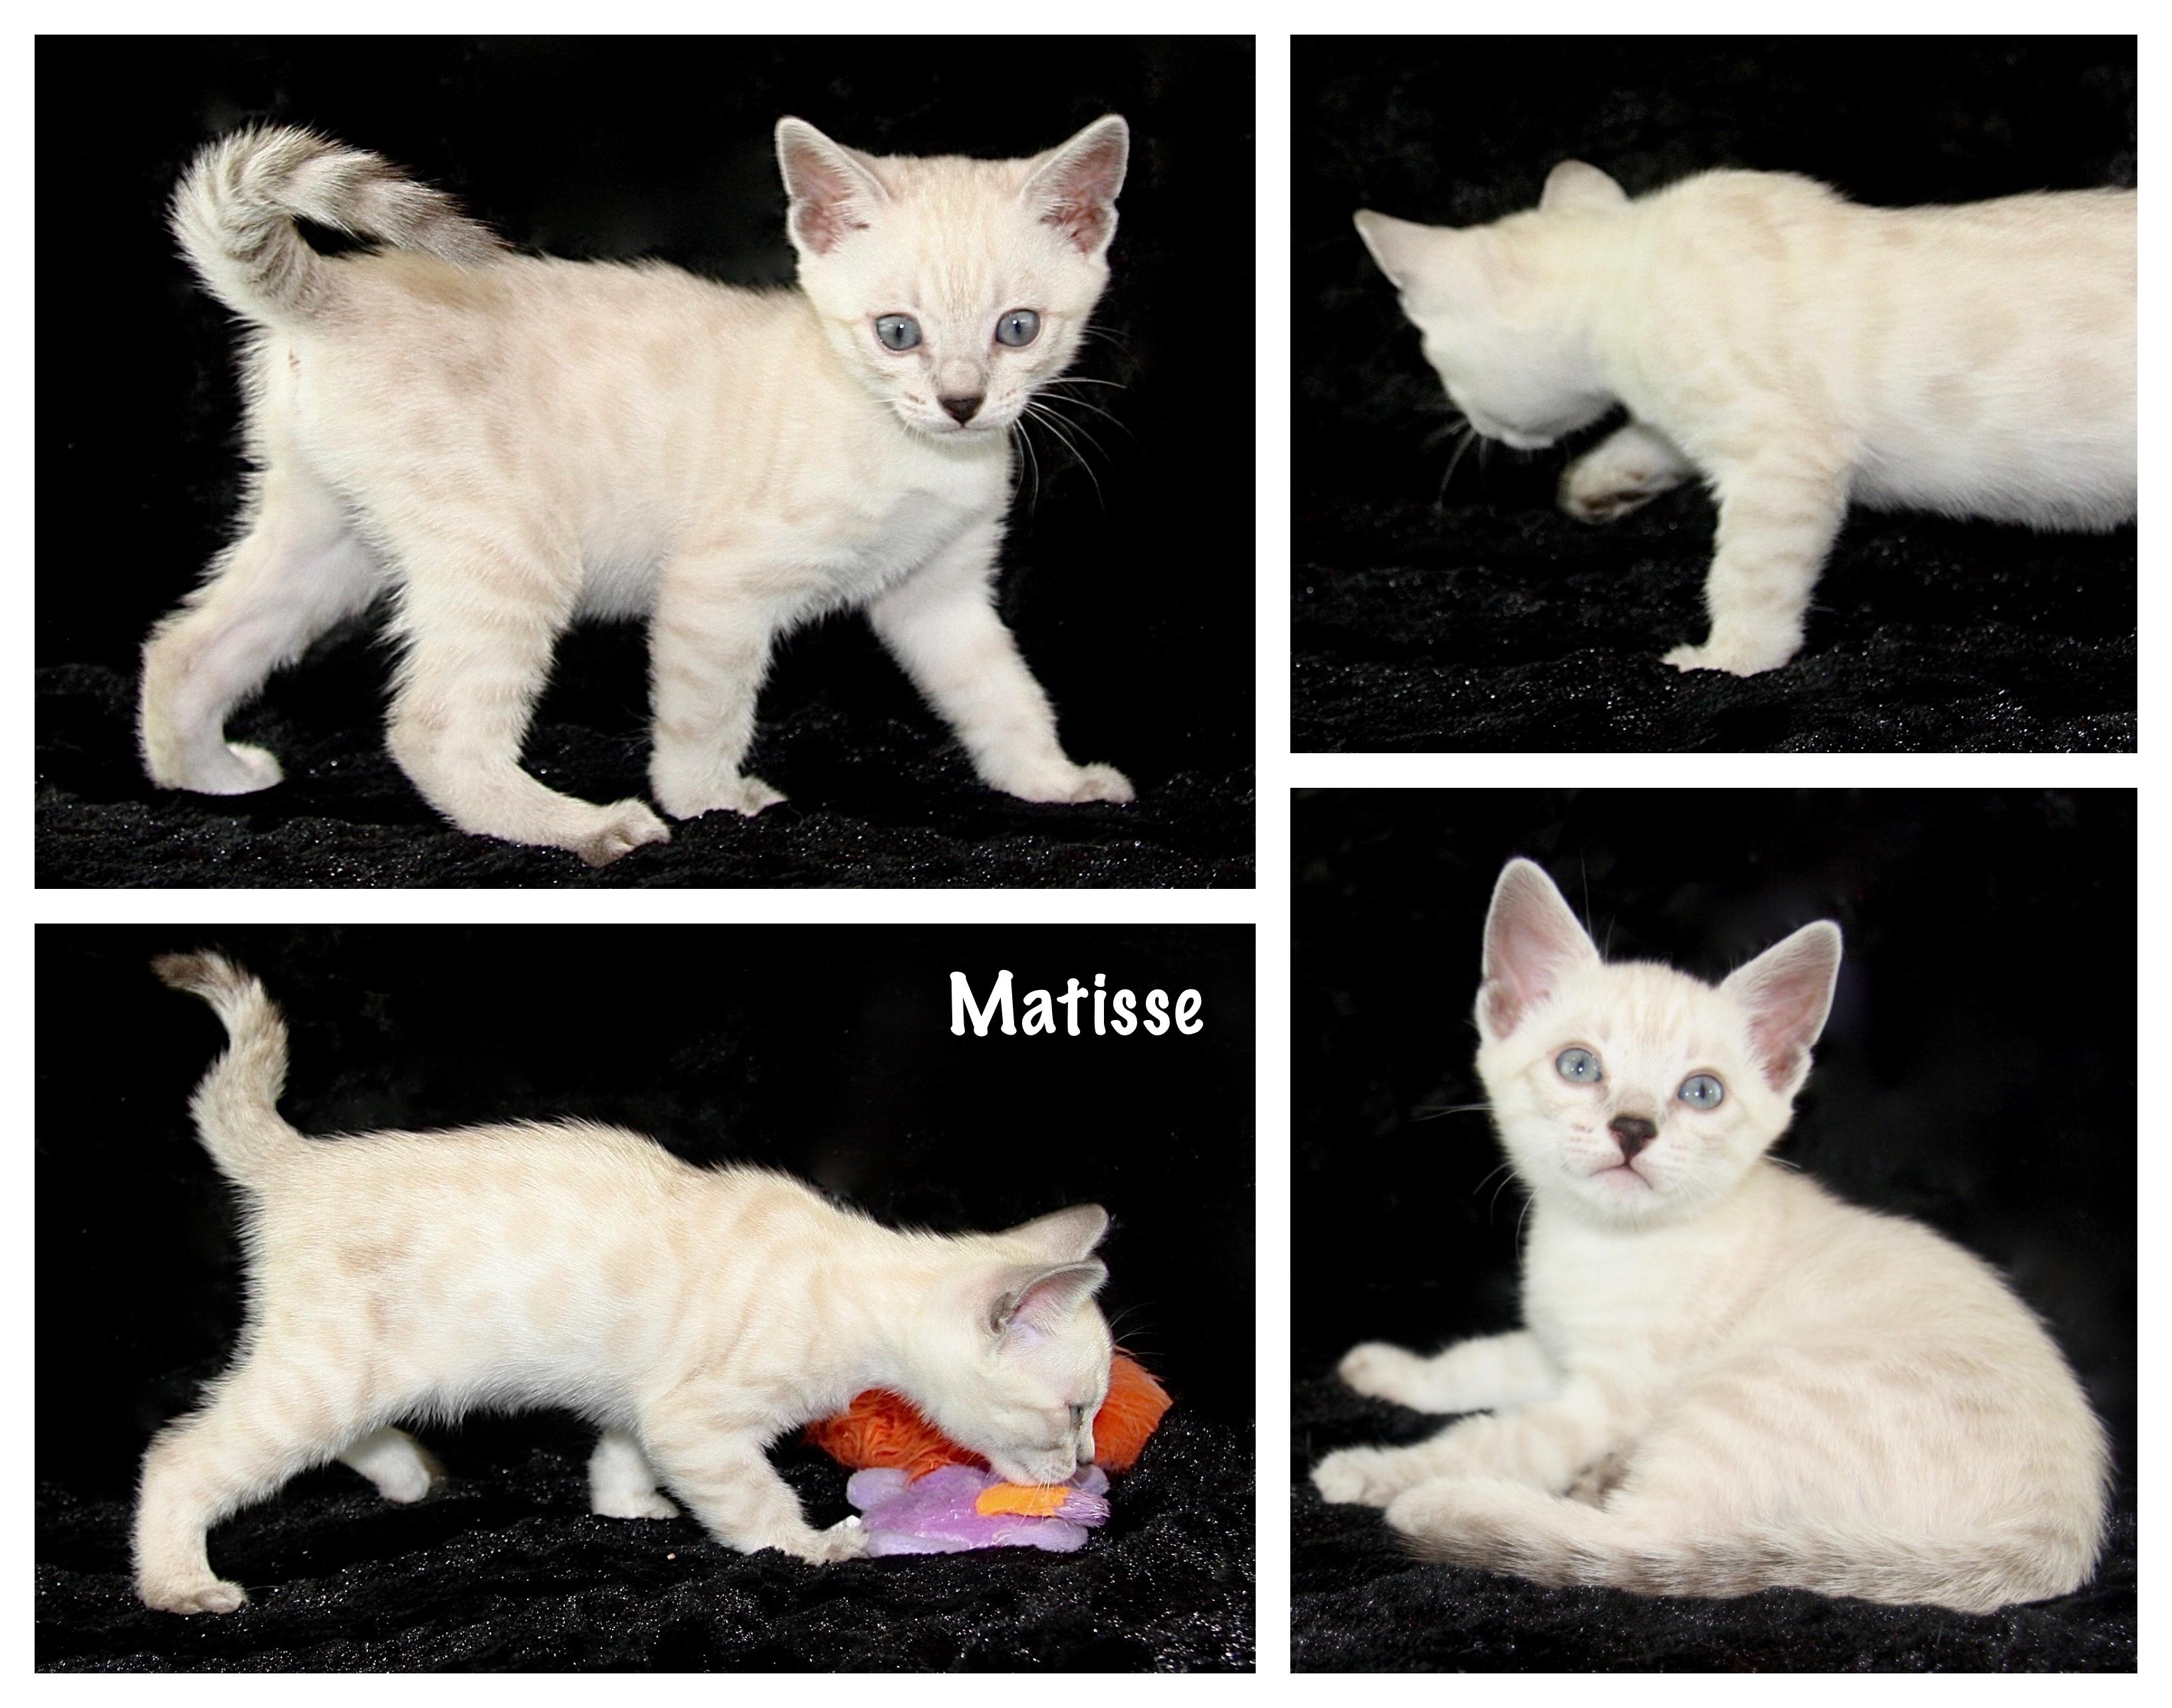 Matisse 7 weeks